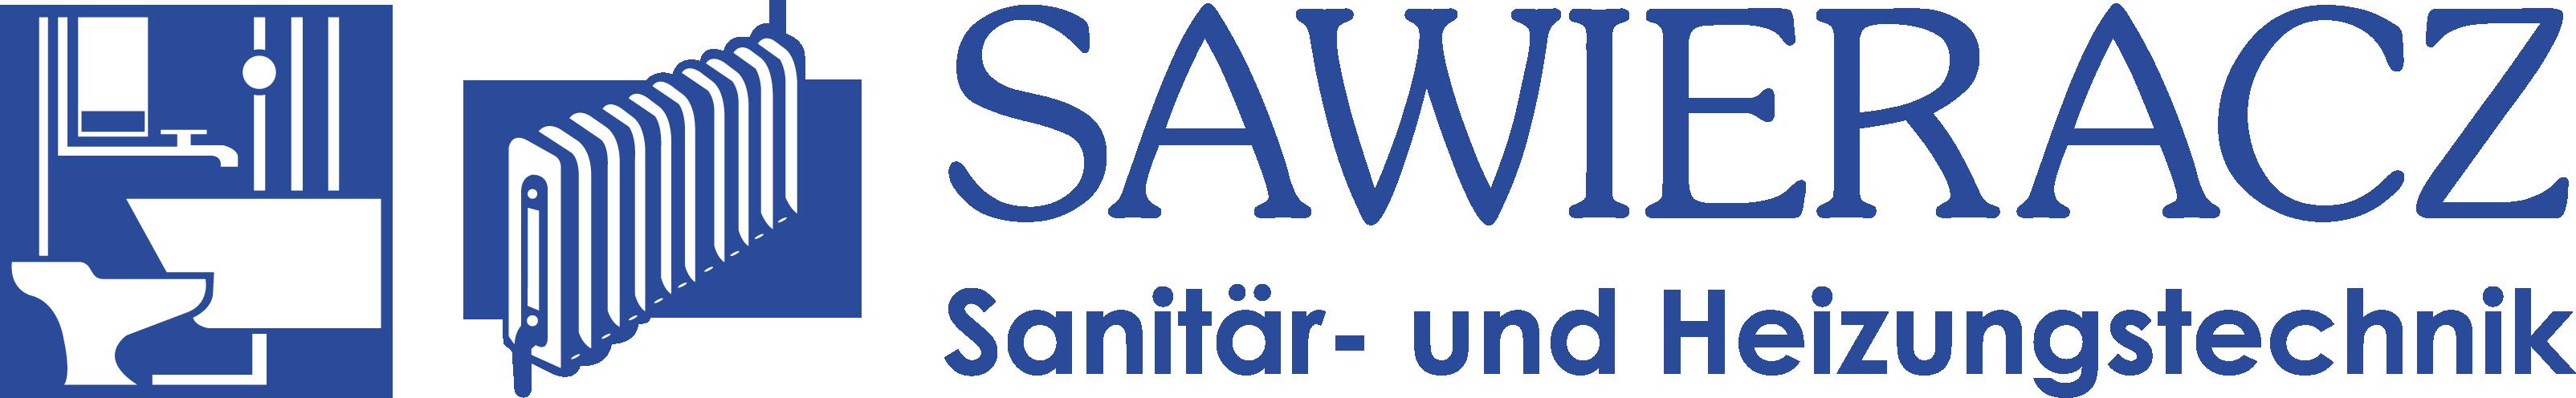 Sawieracz Sanitär- und Heizungstechnik